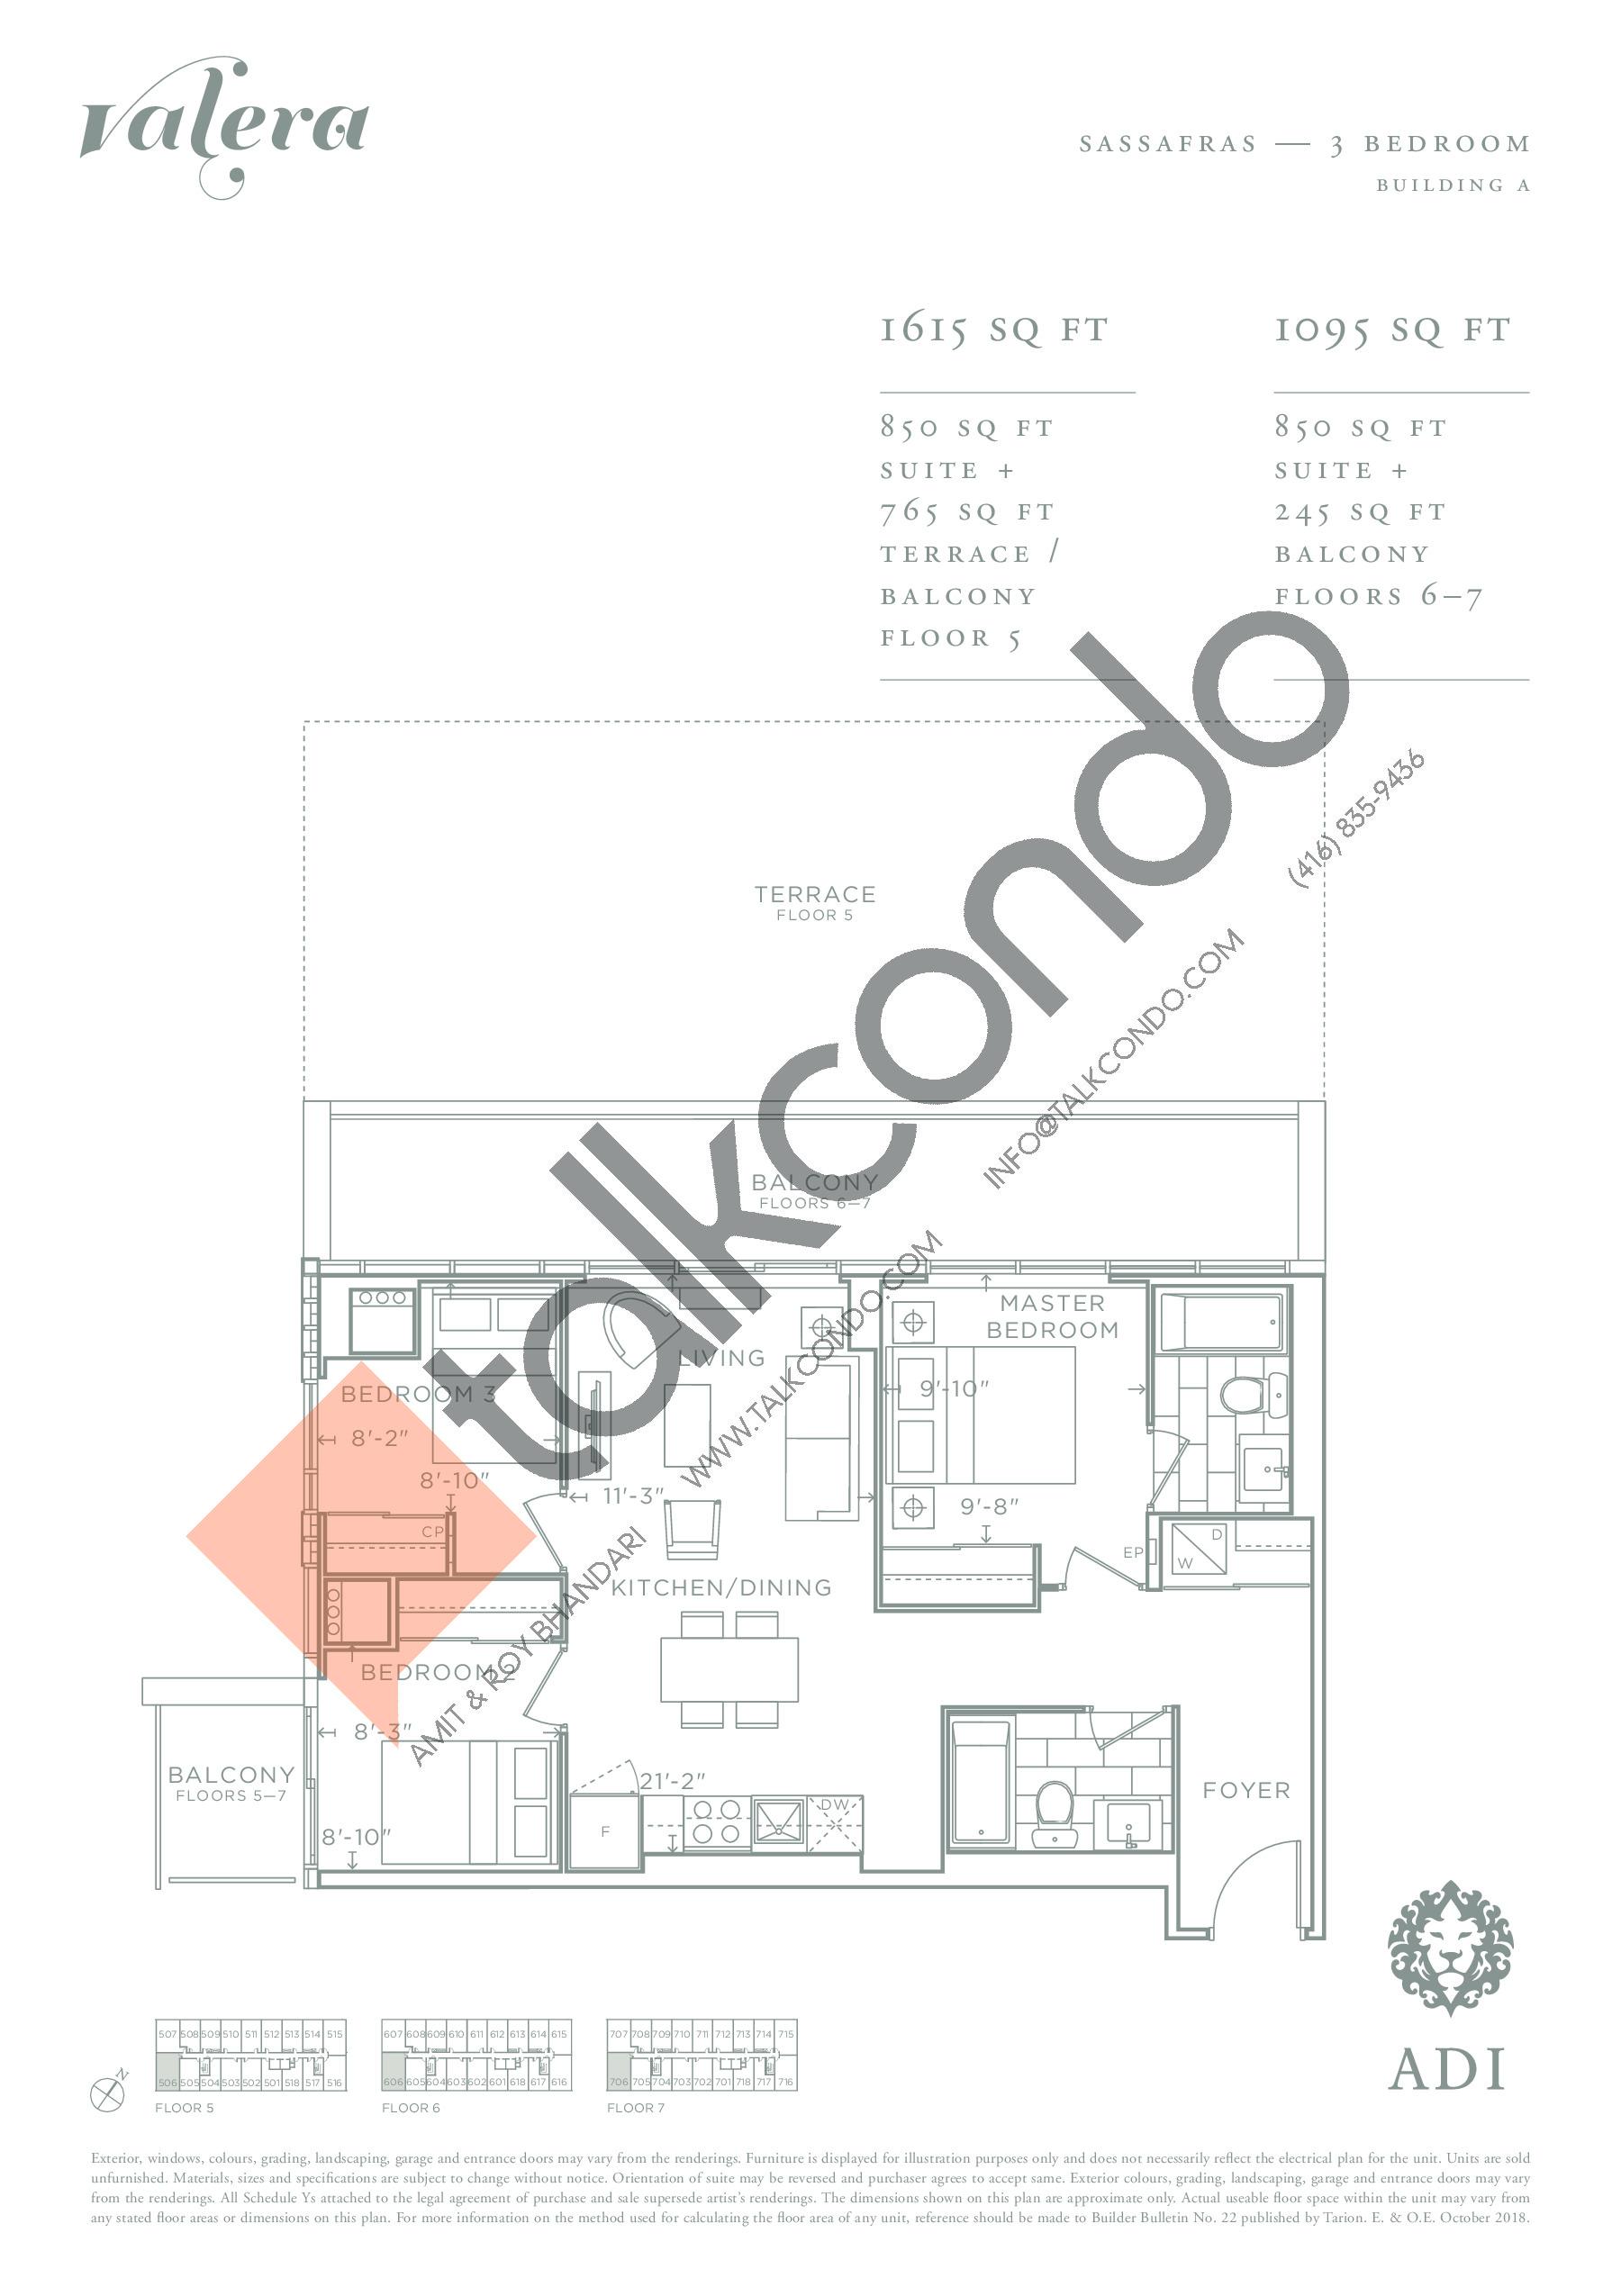 Sassafras Floor Plan at Valera Condos - 850 sq.ft